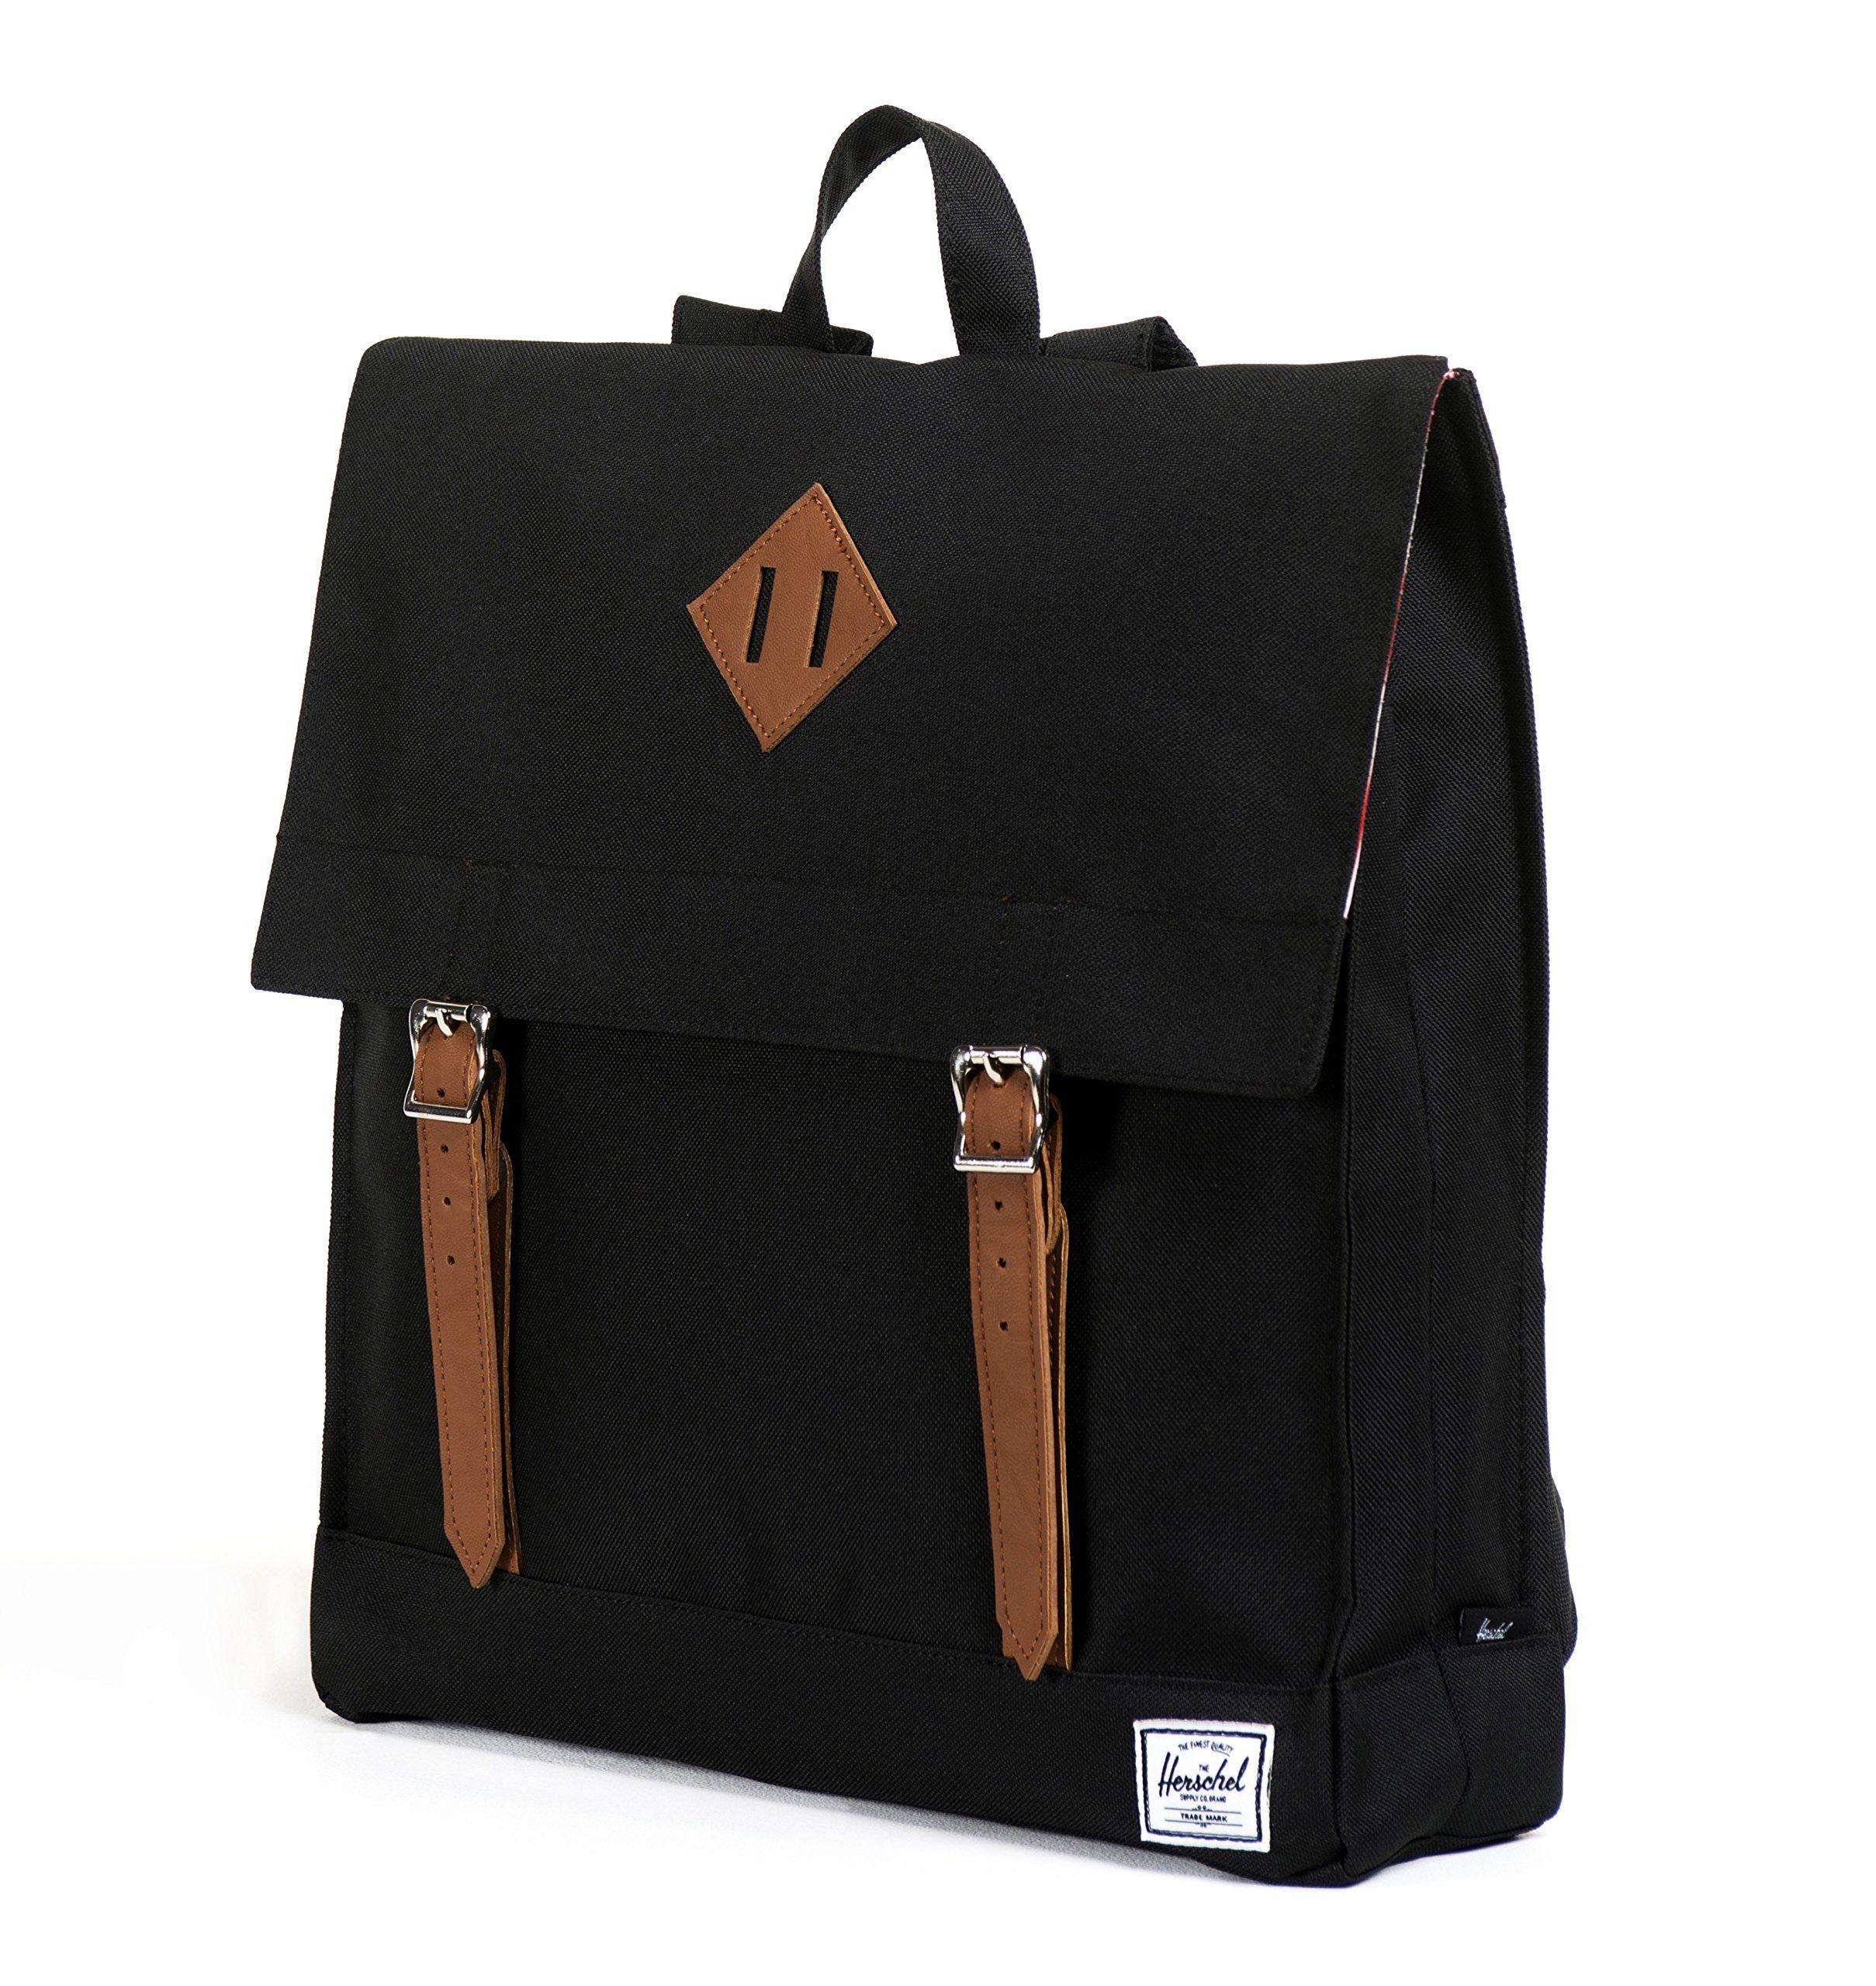 selezione migliore 3406d 5e4b7 Herschel Survey Backpack: Amazon.de: Suitcases, Backpacks ...